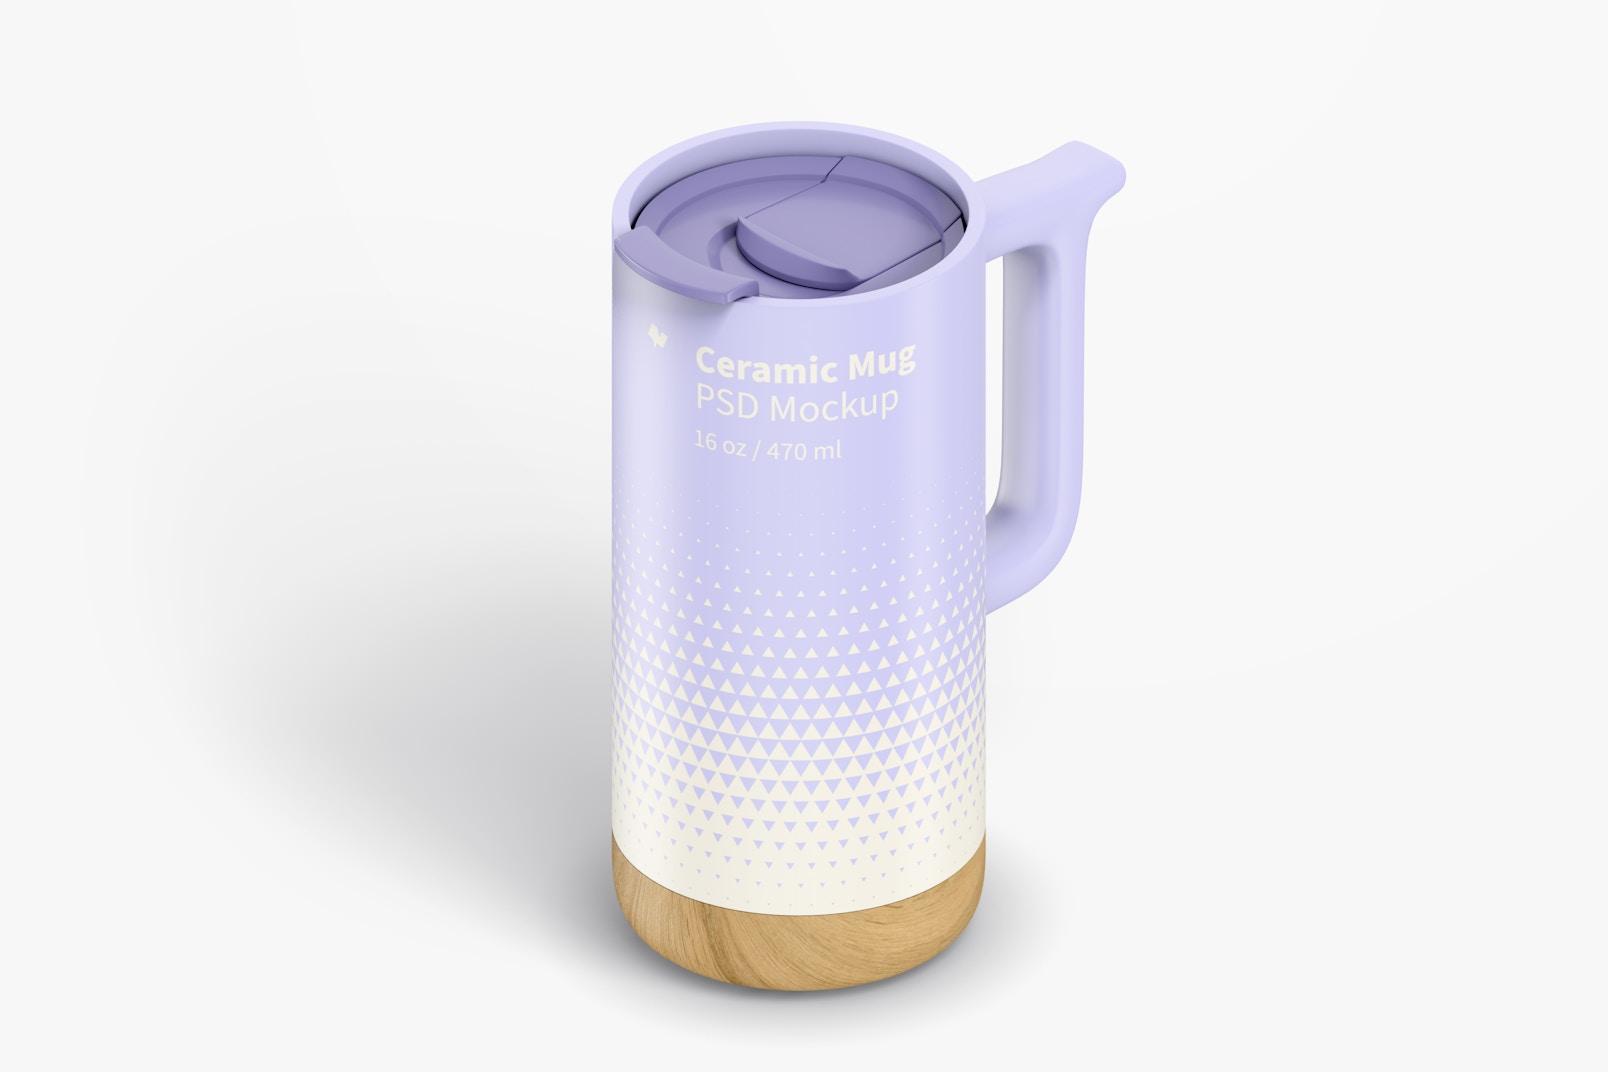 16 oz Ceramic Mugs with Wood Base Mockup, Isometric Left View